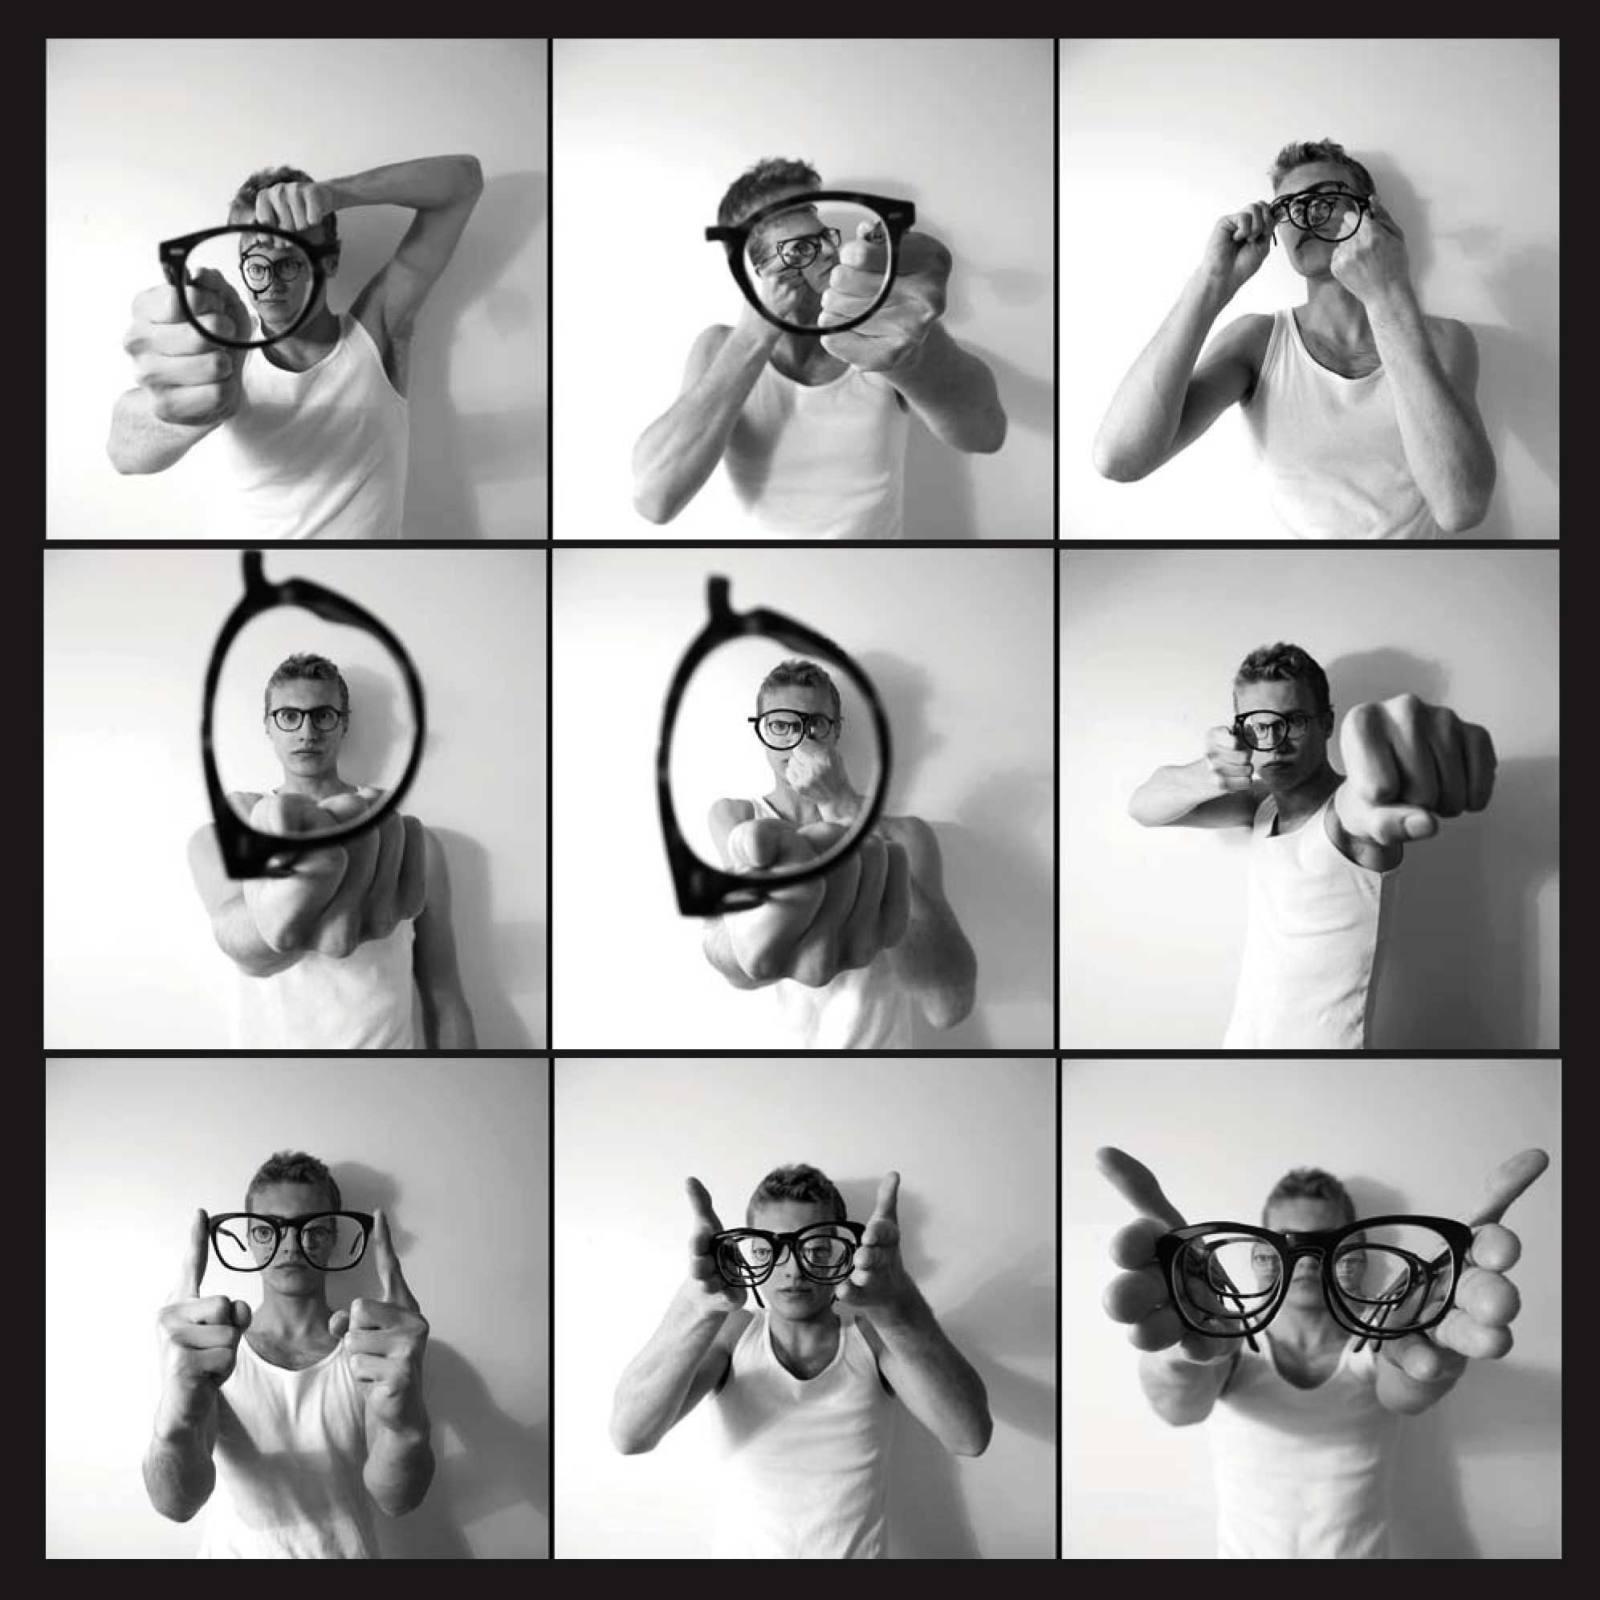 © Hugo Suchet : Le jour où je suis devenu un Blond à lunettes.